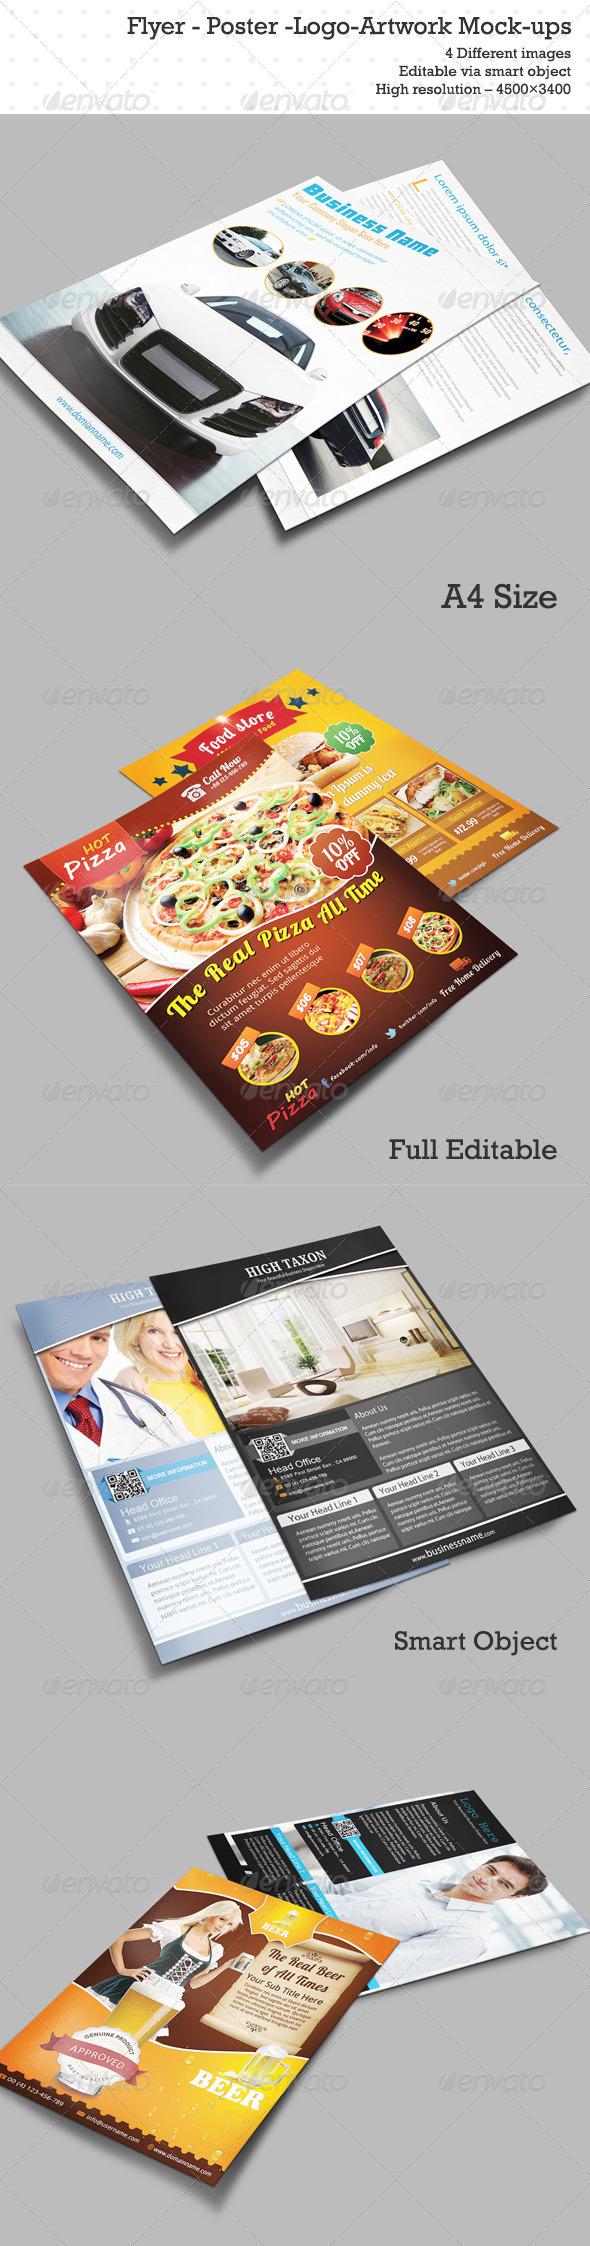 GraphicRiver Flyer Poster Logo Artwork Mock-ups 6232506